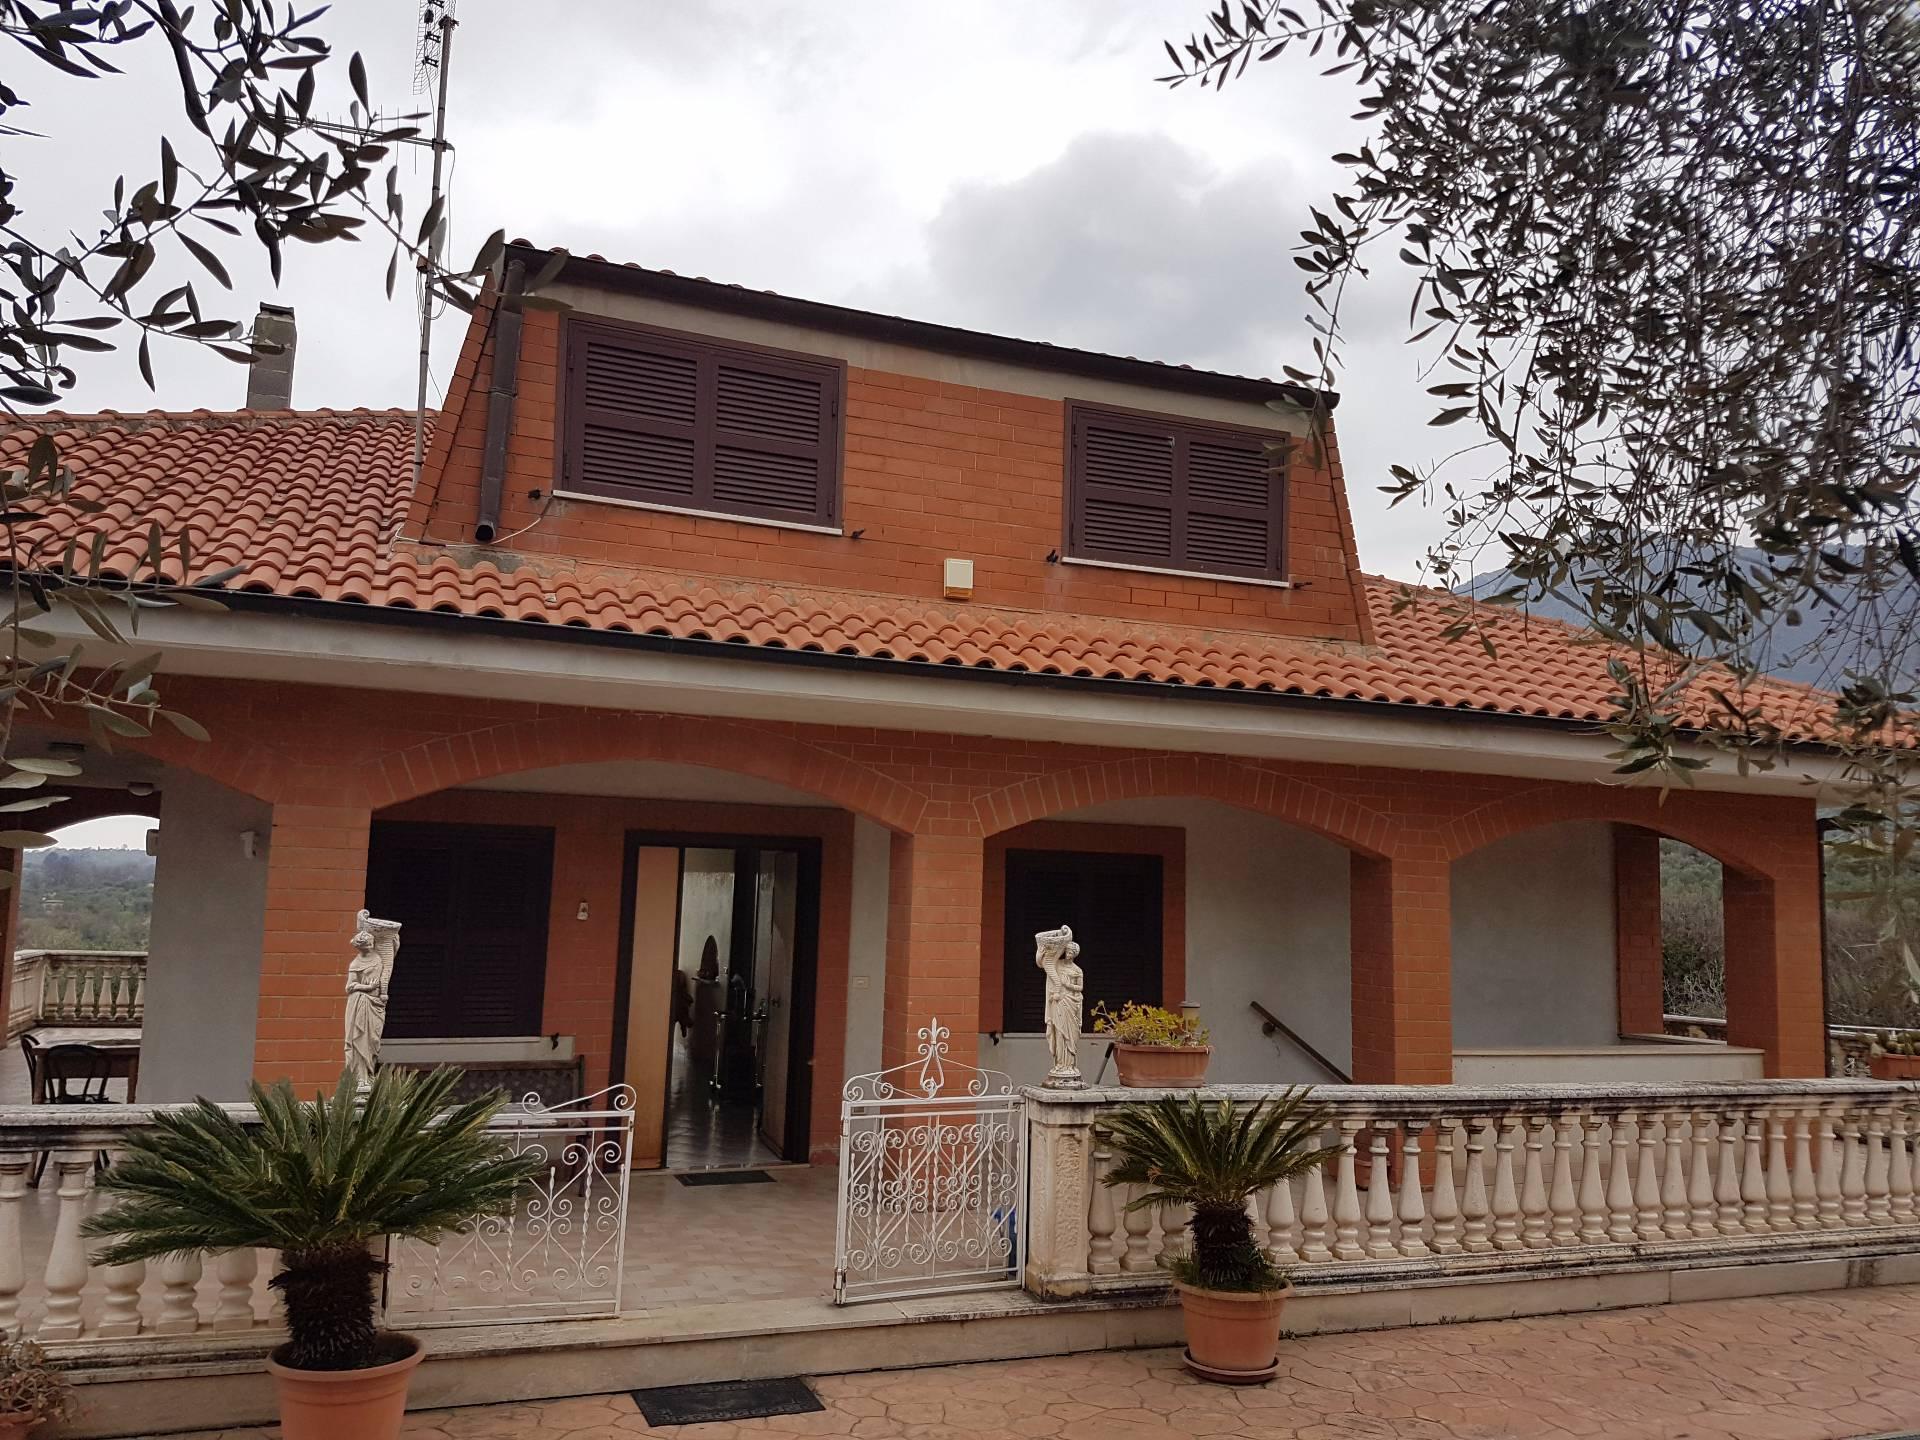 Villa in vendita a Marcellina, 5 locali, zona Zona: Campetella, prezzo € 650.000 | Cambio Casa.it